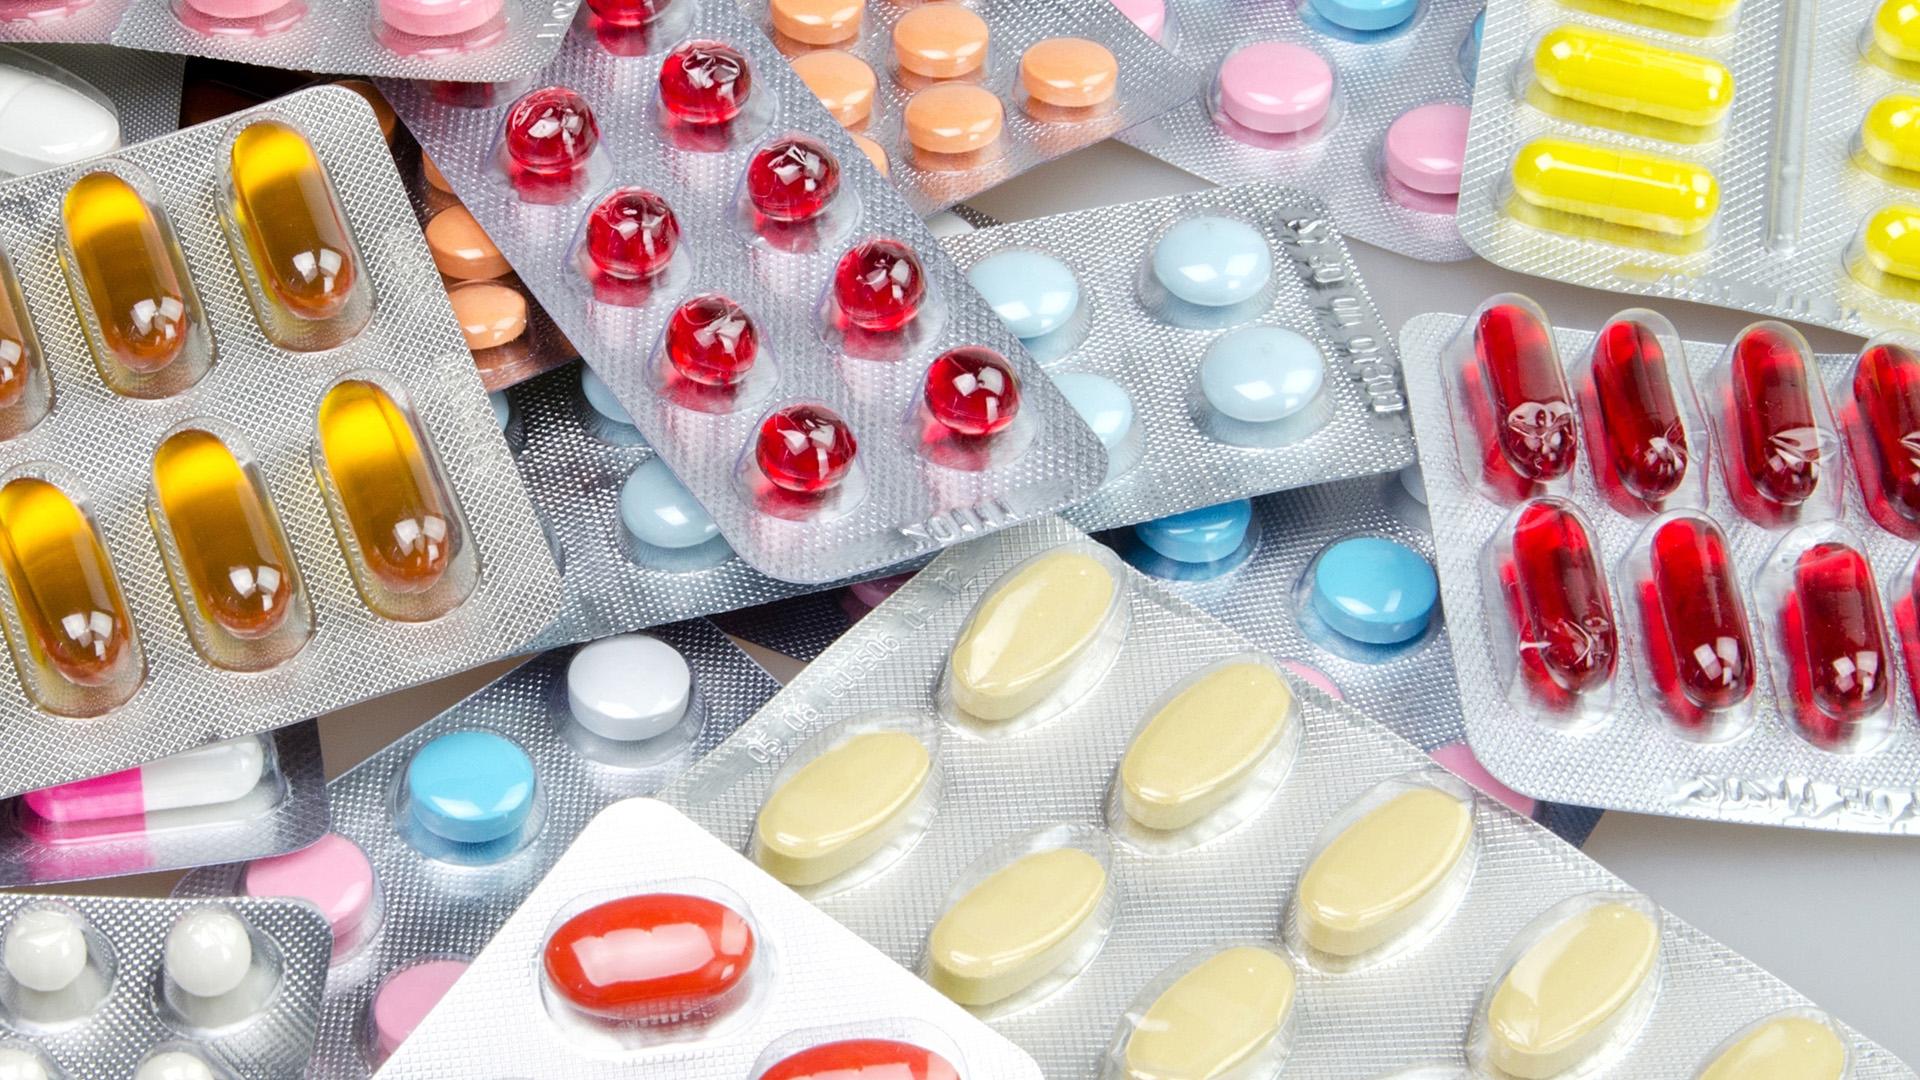 Un antibiótico debería recetarse tras la realización de un antibiograma que indique qué bacteria está presente en ese cuadro (Getty Images)